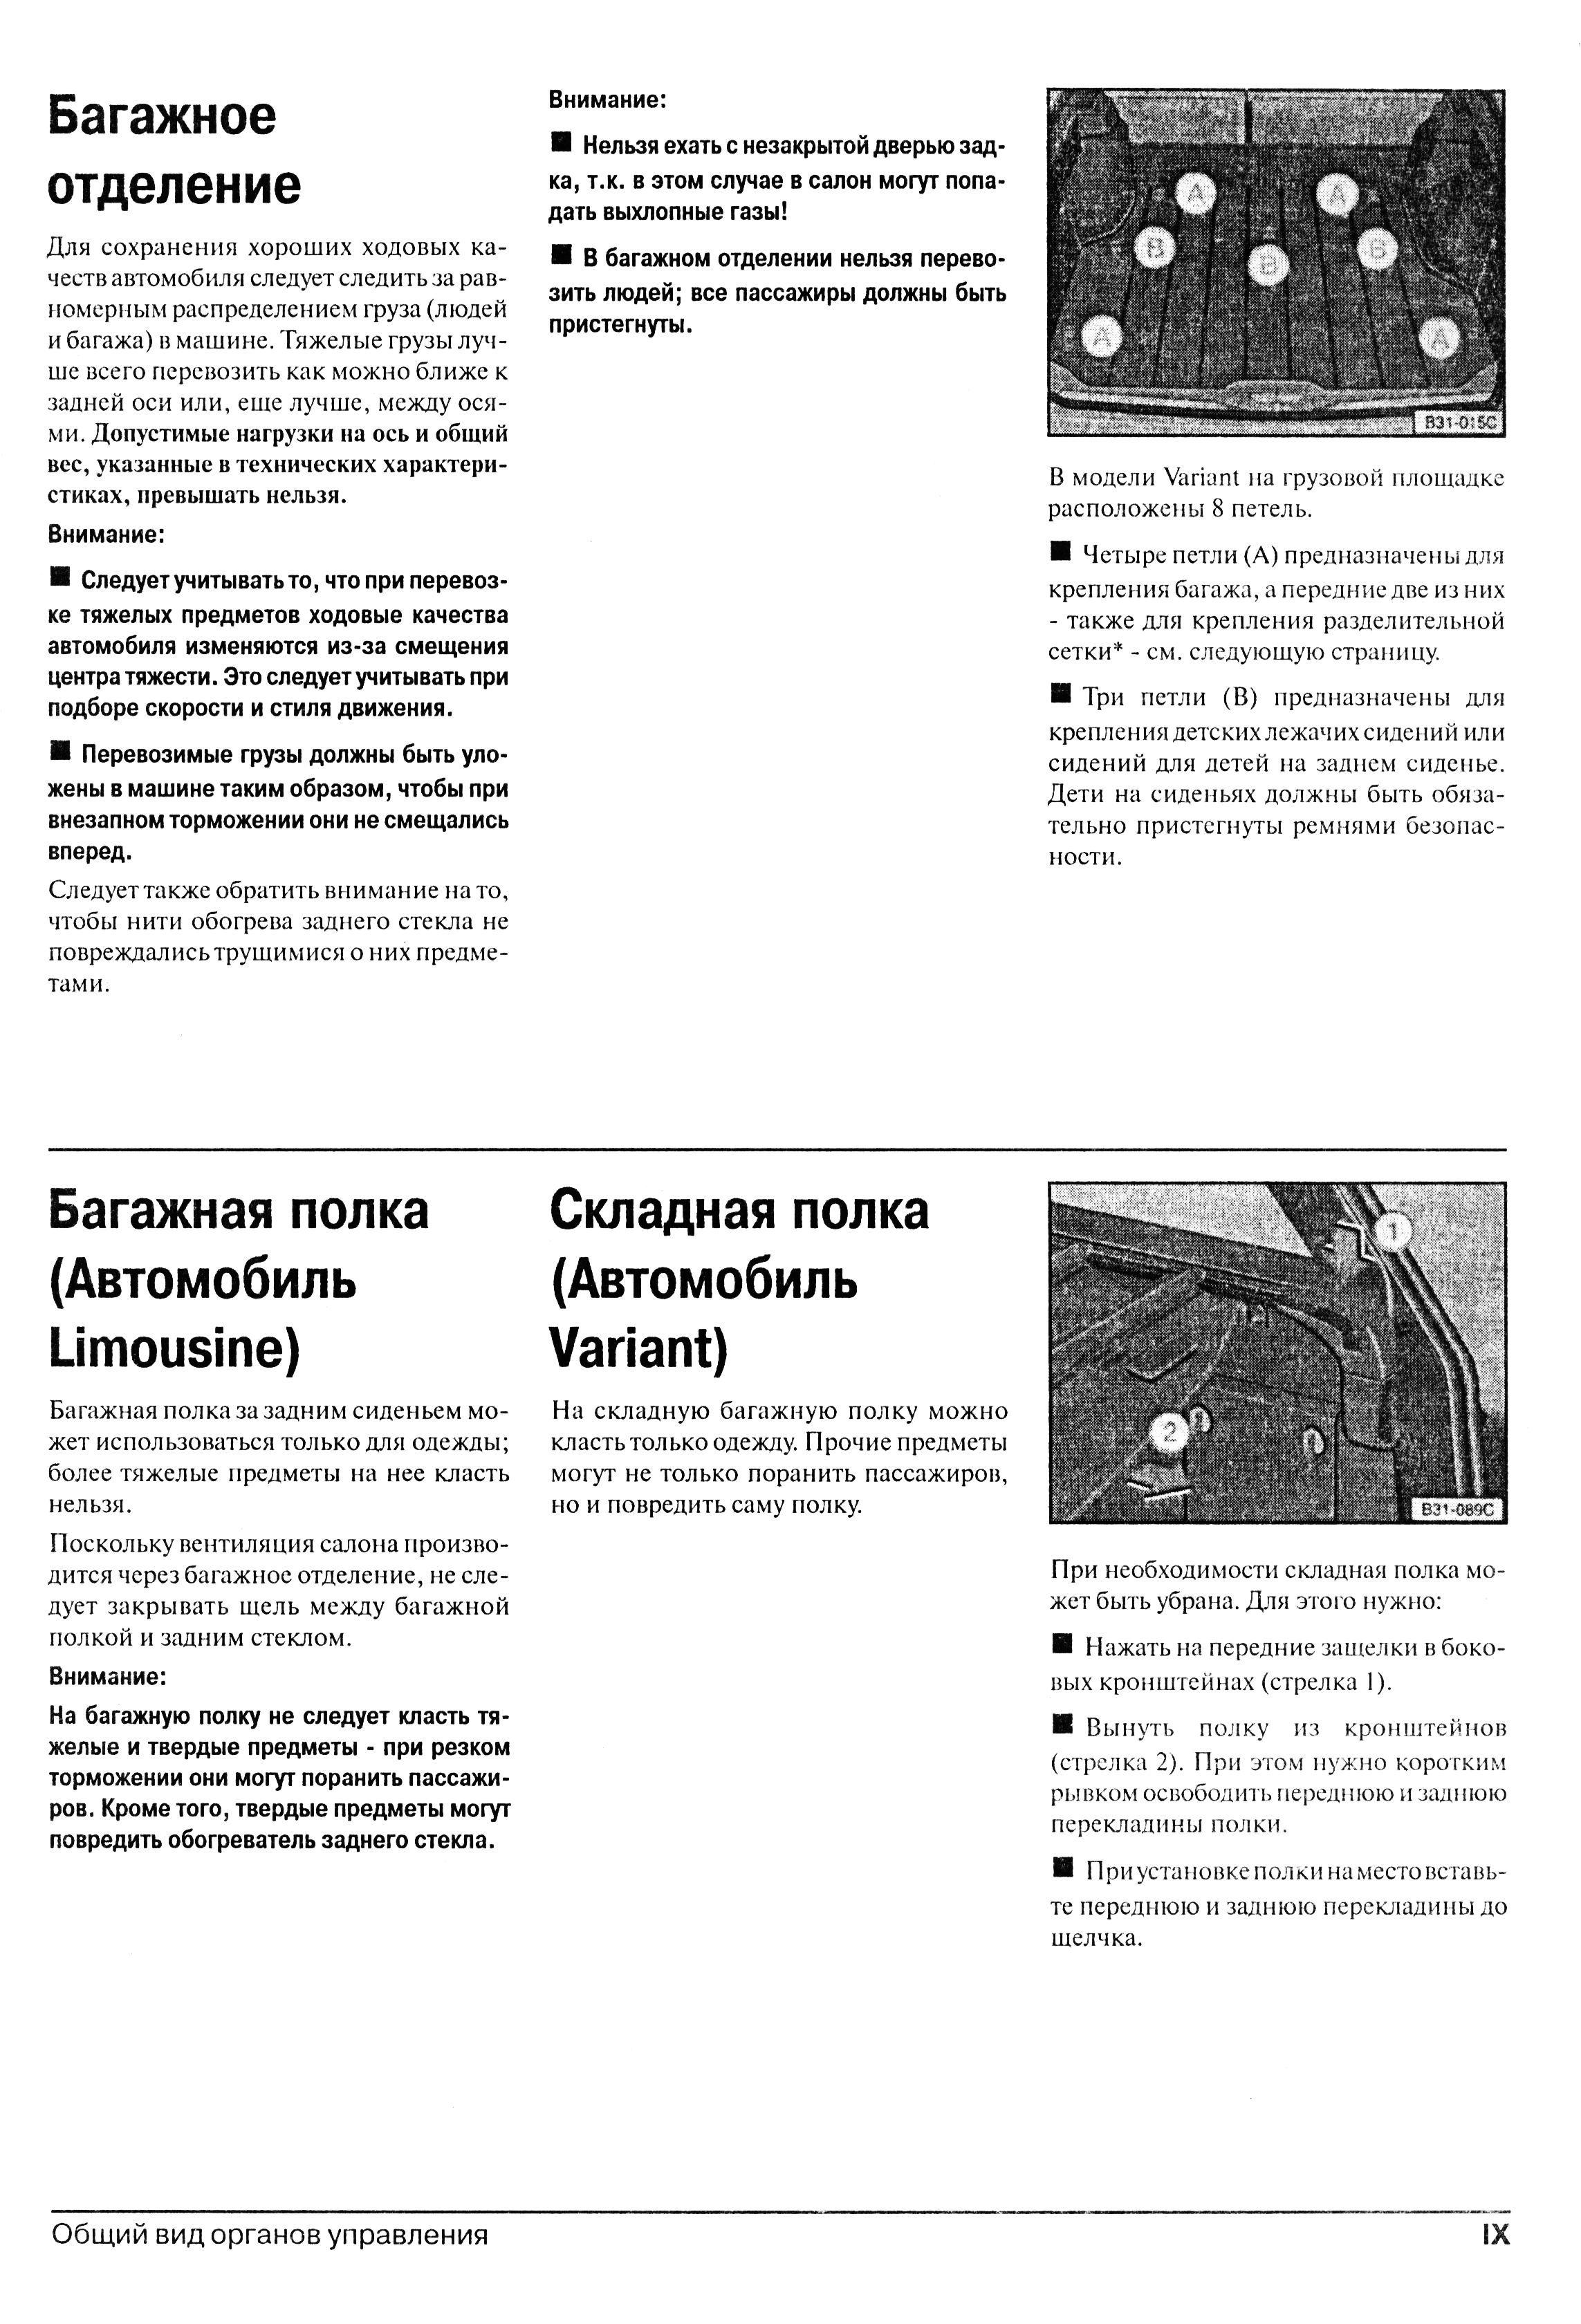 фольксваген тигуан инструкция по эксплуатации читать онлайн